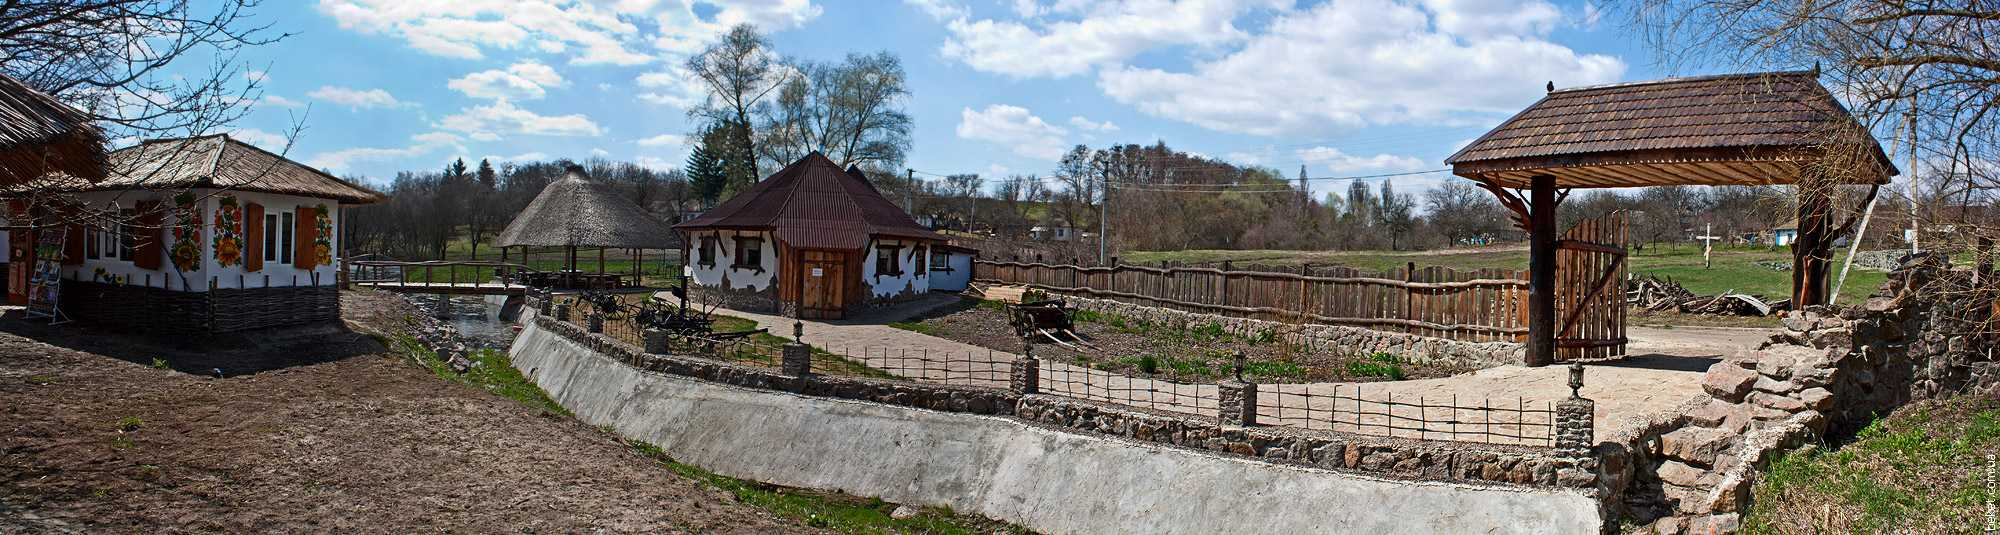 Отельно-ресторанный комплекс возле тысячелетнего дуба Максима Железняка